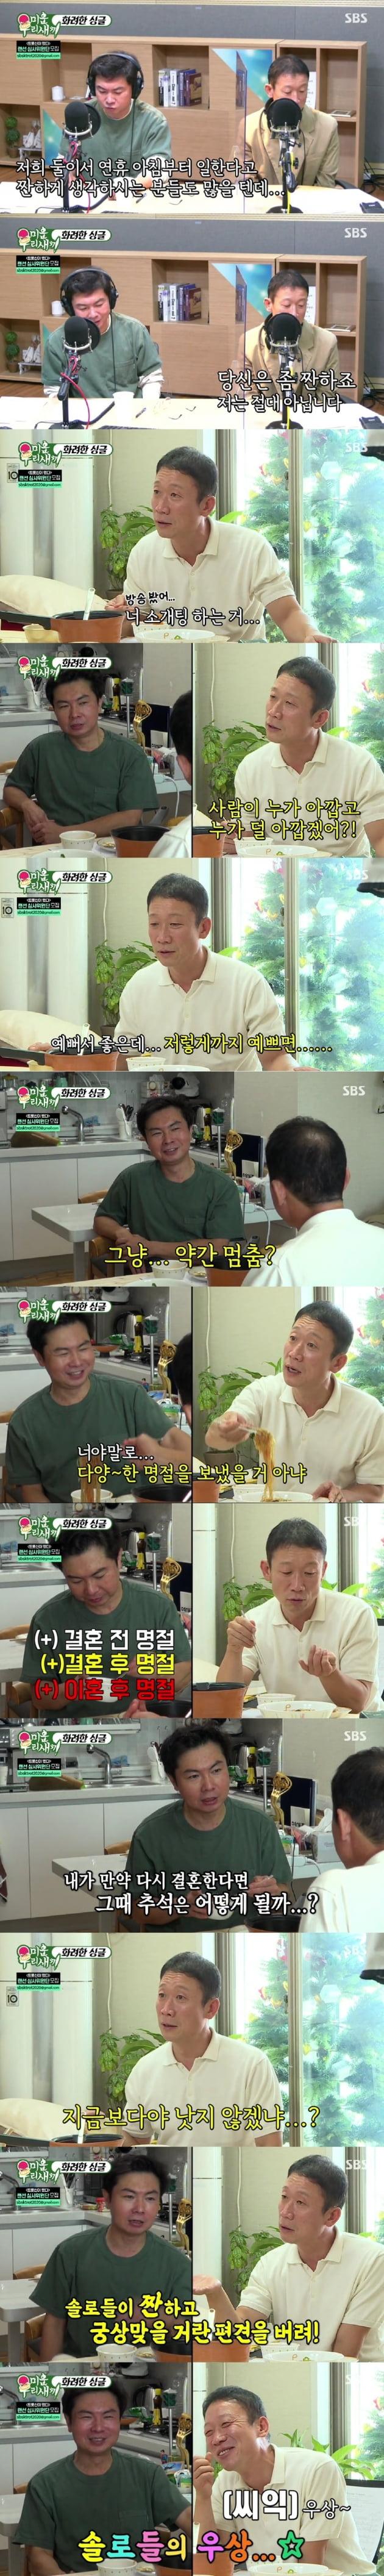 8일 방송된 '미운우리새끼'/ 사진=SBS 제공